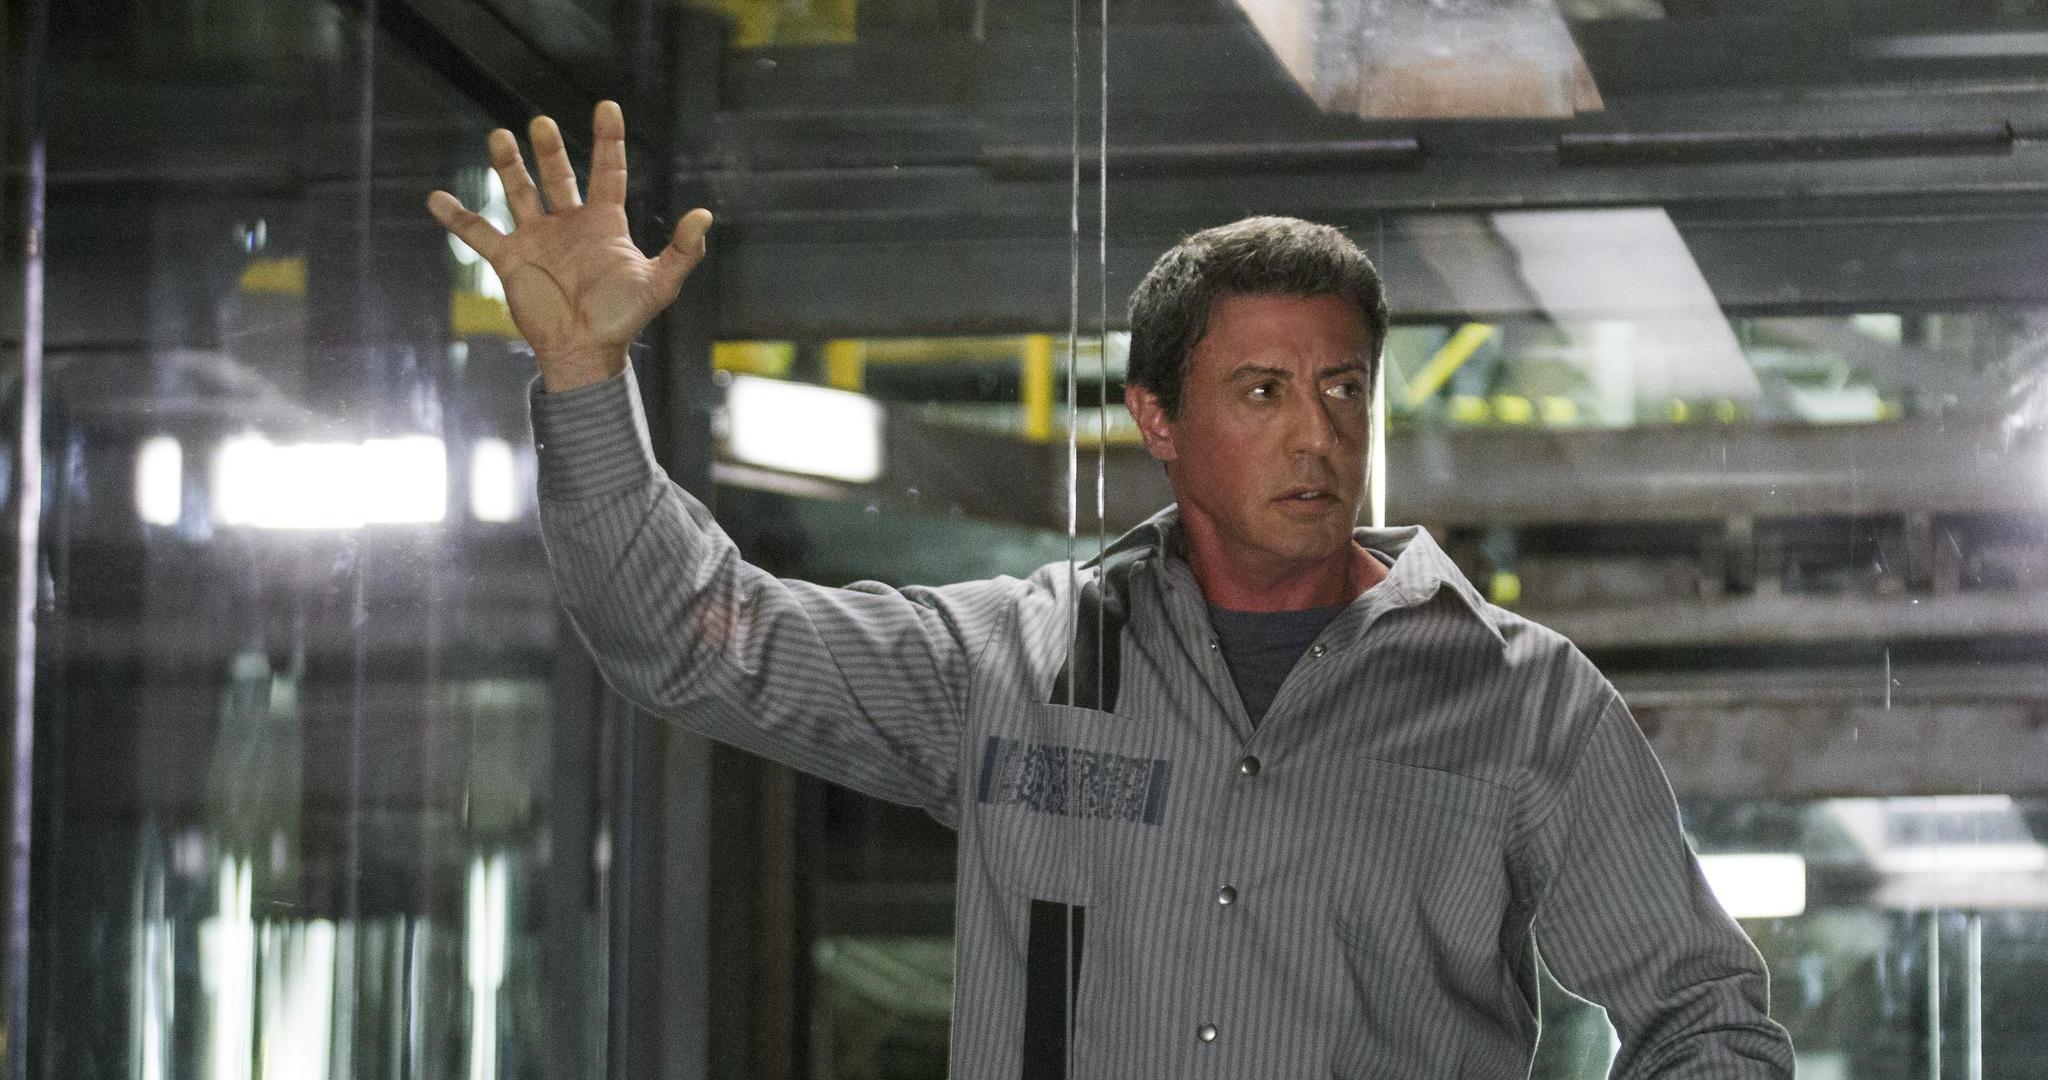 Фильм со сталлоне в тюрьме последний герой остаться в живых с бодровым